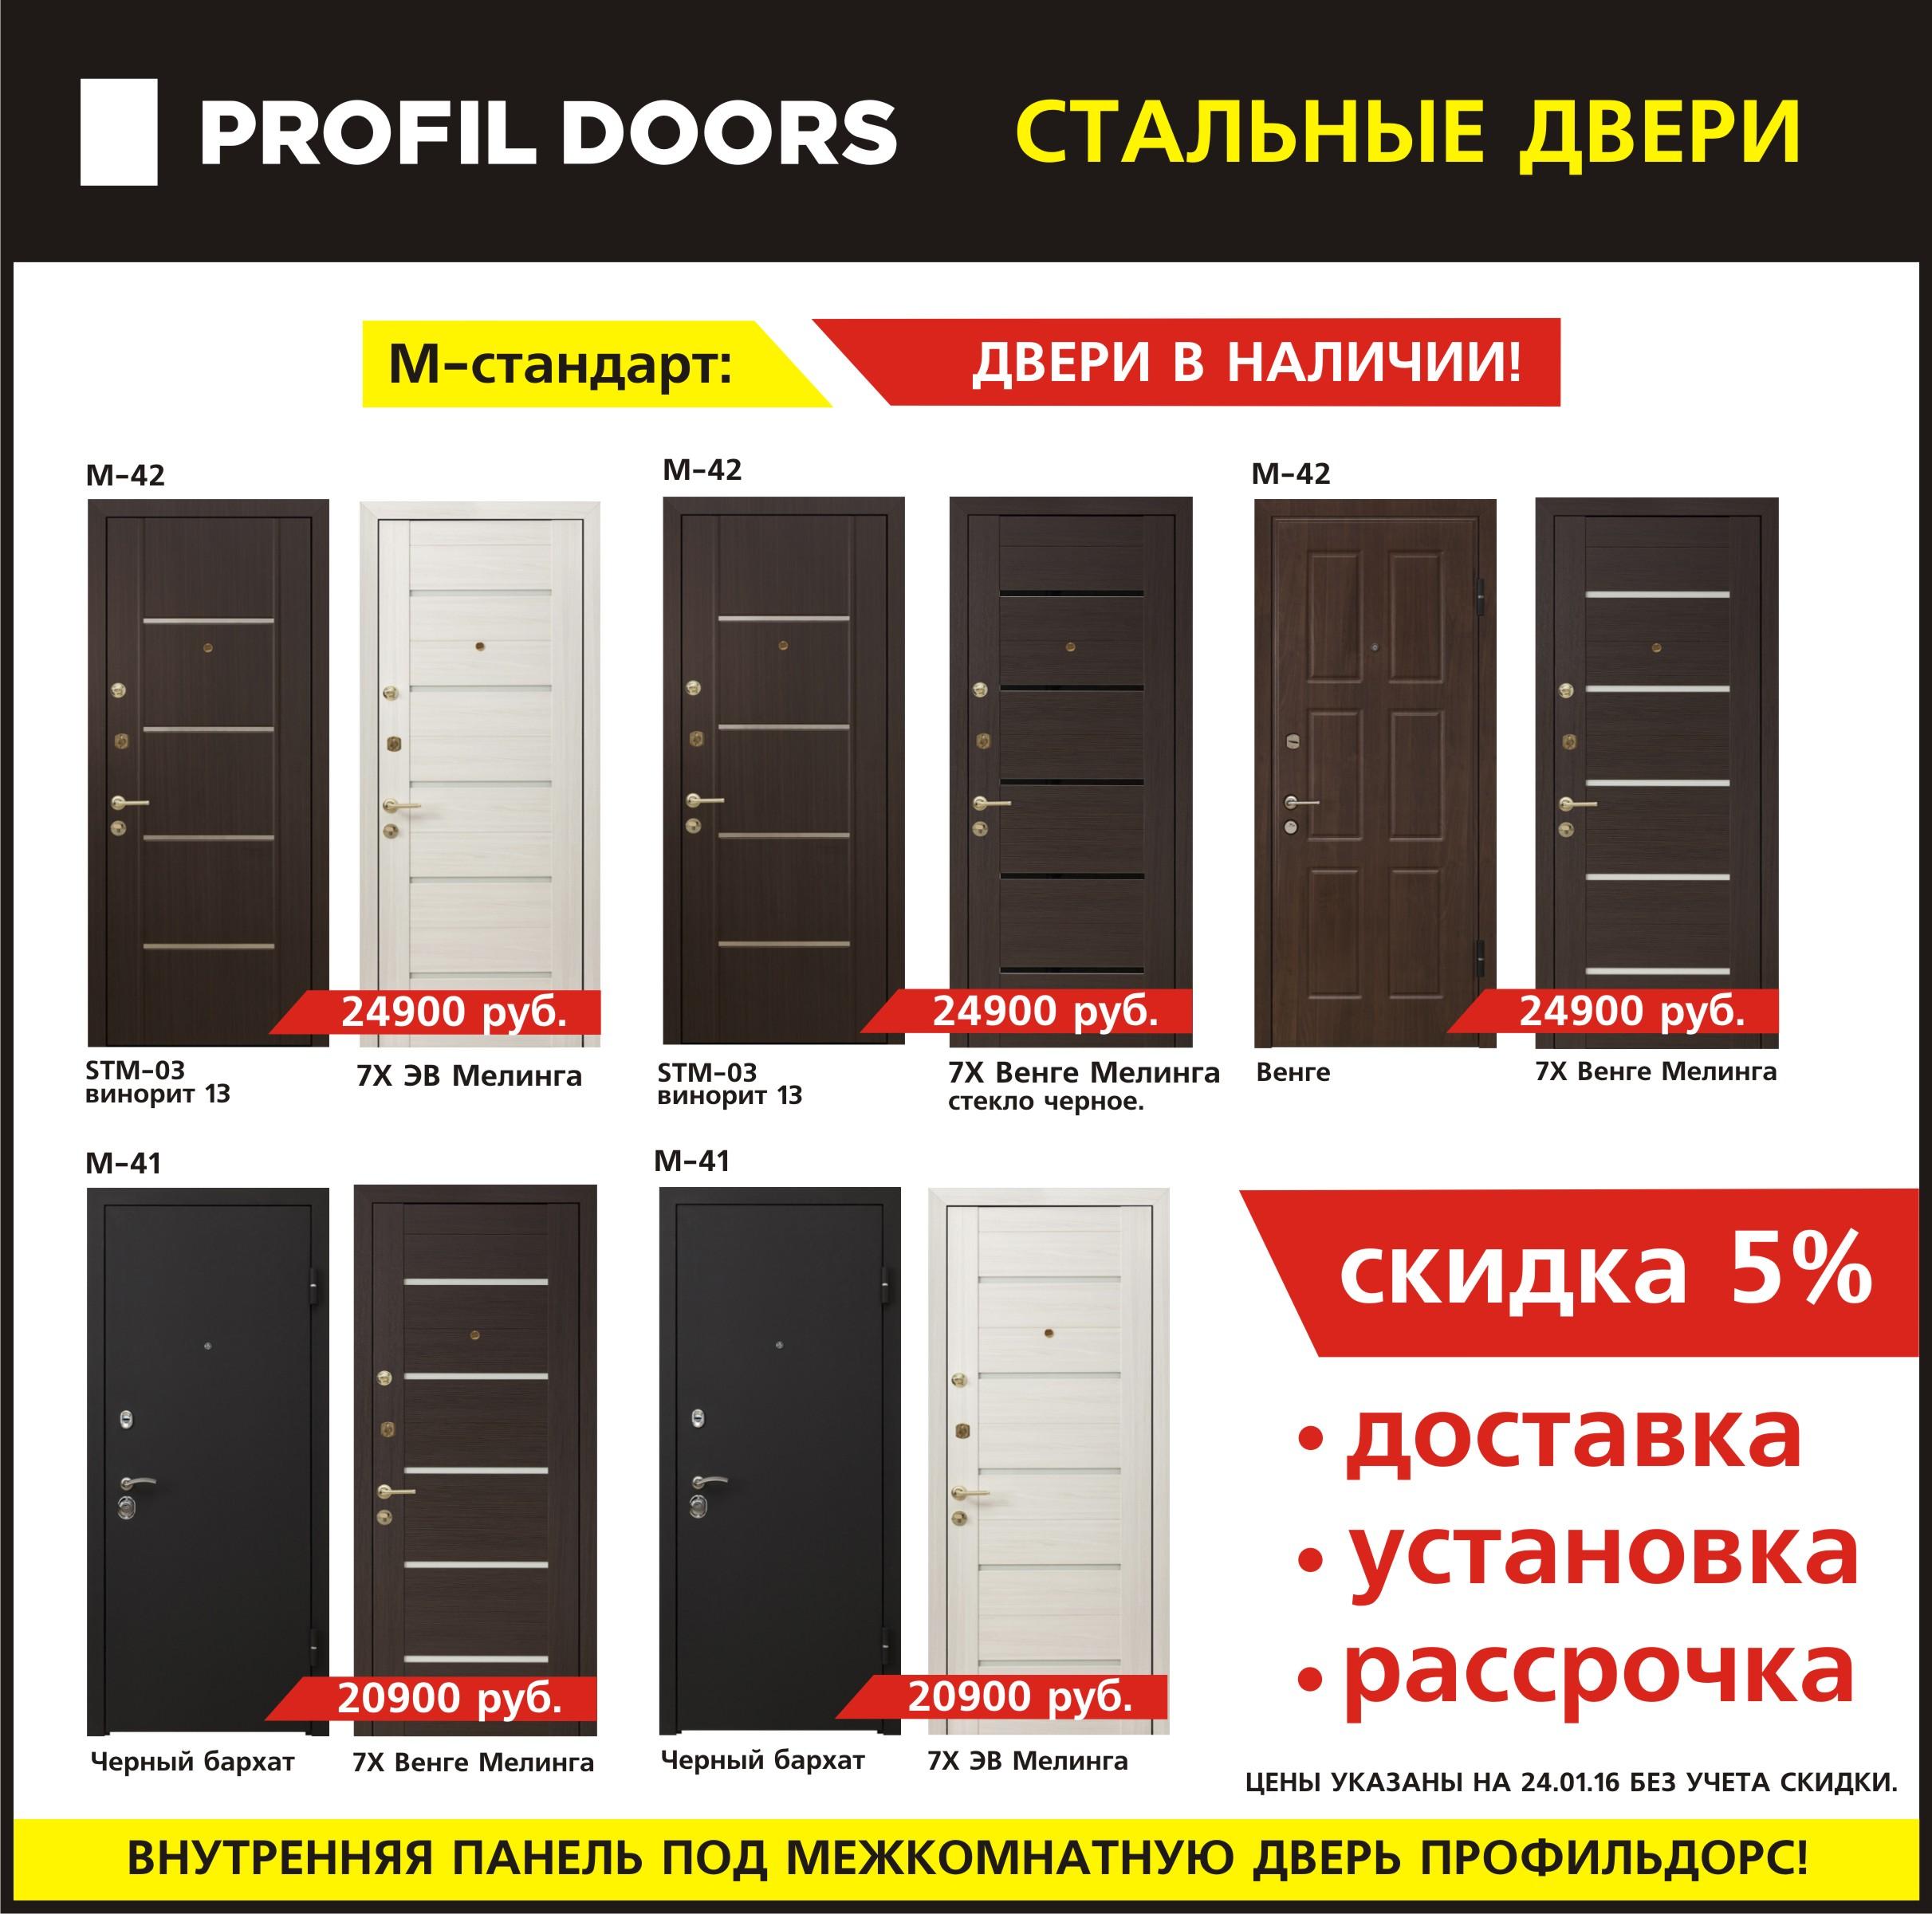 магазин лучшие двери стальные